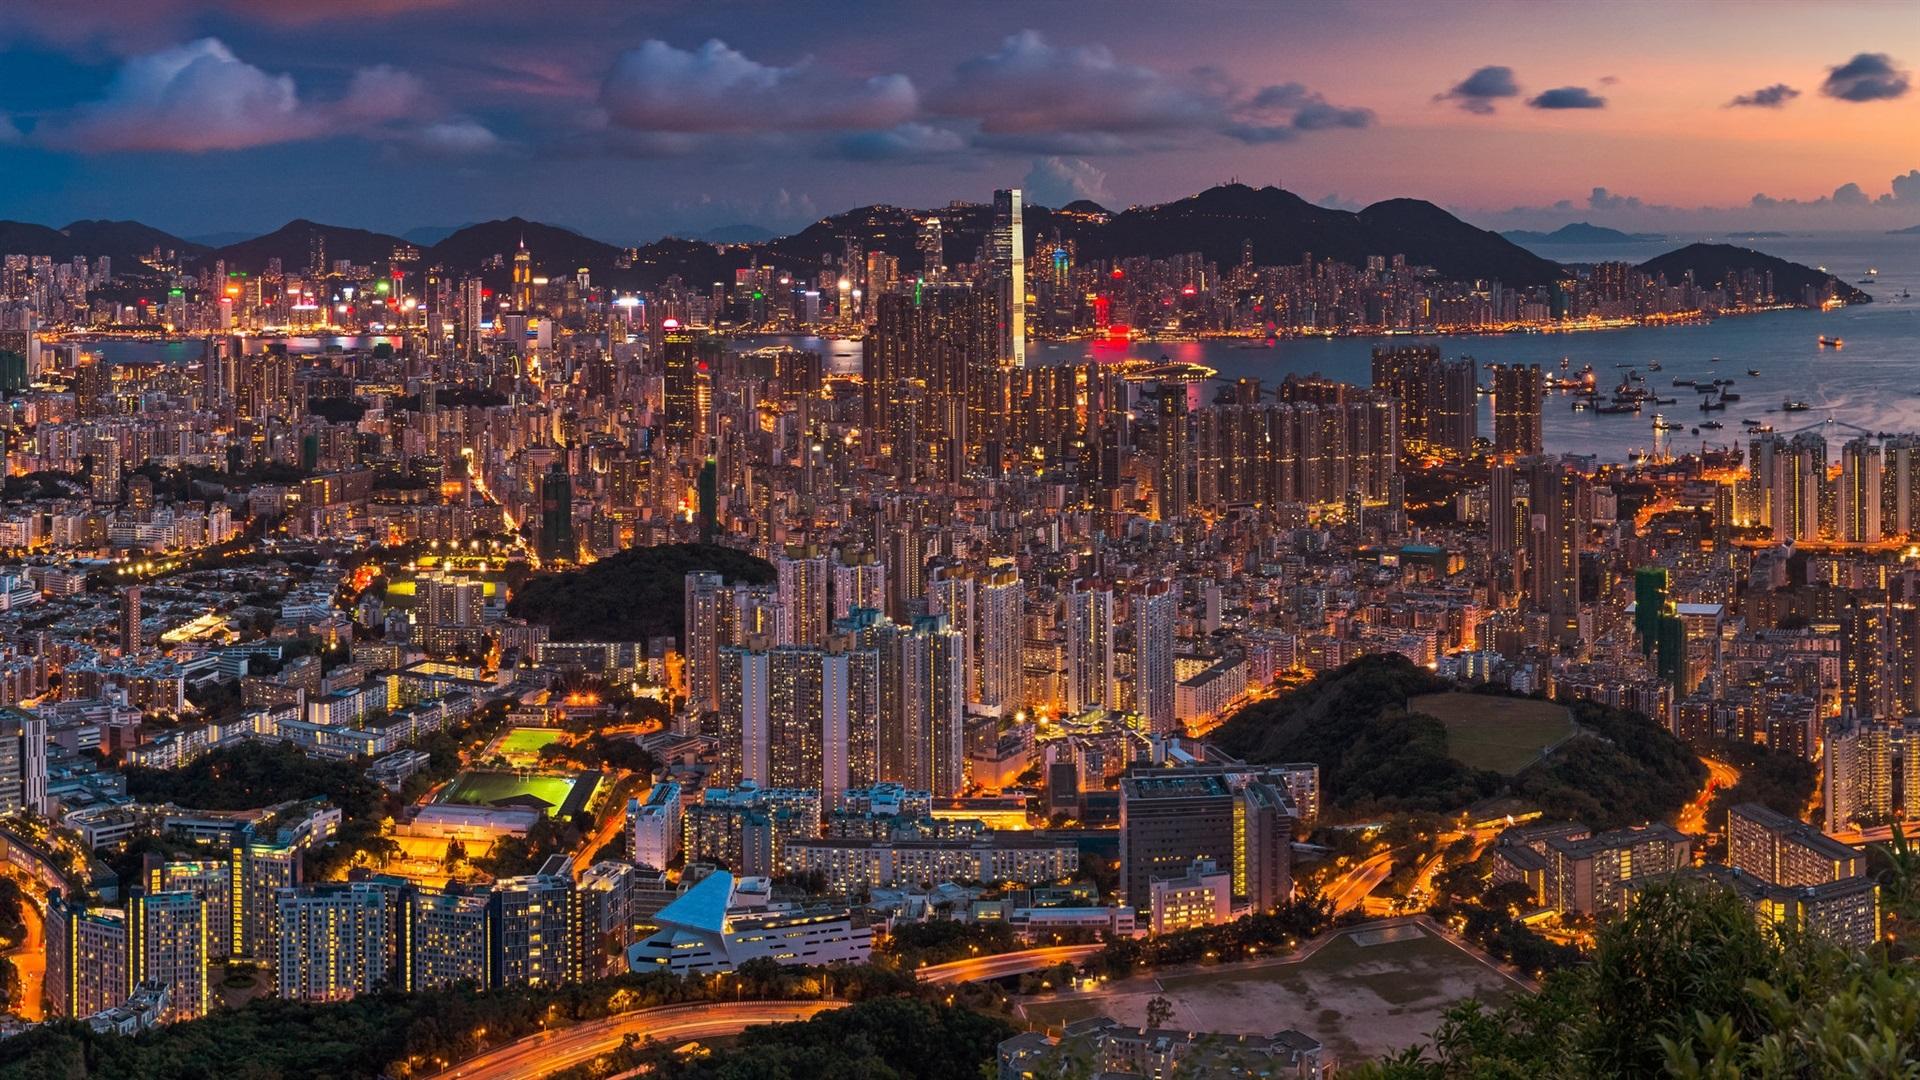 Wallpaper Beautiful City Night, Hong Kong, China